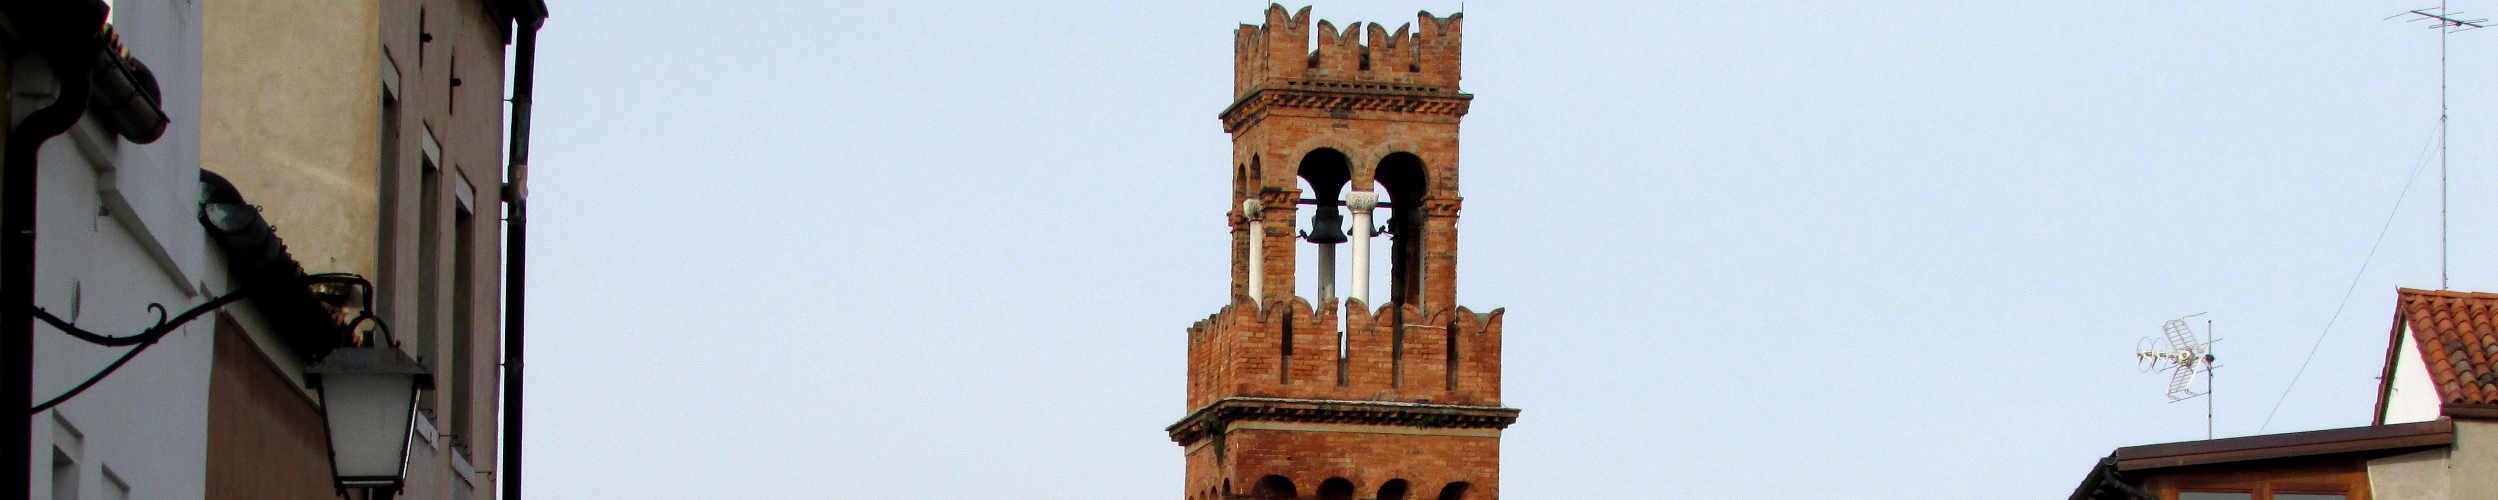 murano bell tower